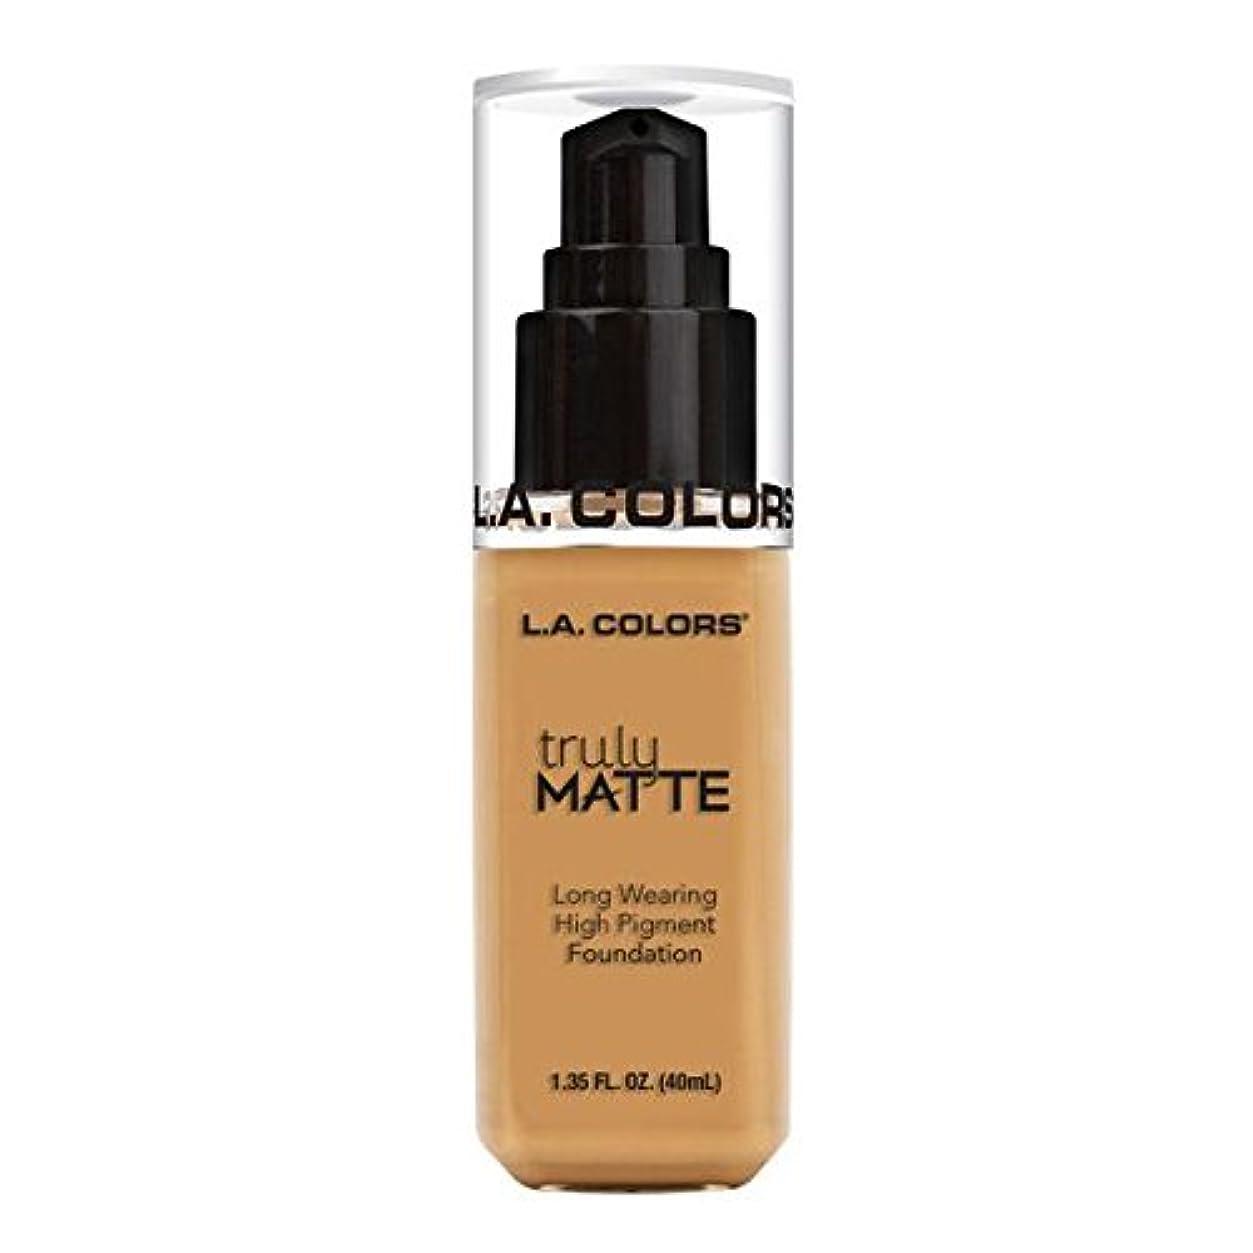 無駄真珠のようなアスペクト(3 Pack) L.A. COLORS Truly Matte Foundation - Golden Beige (並行輸入品)